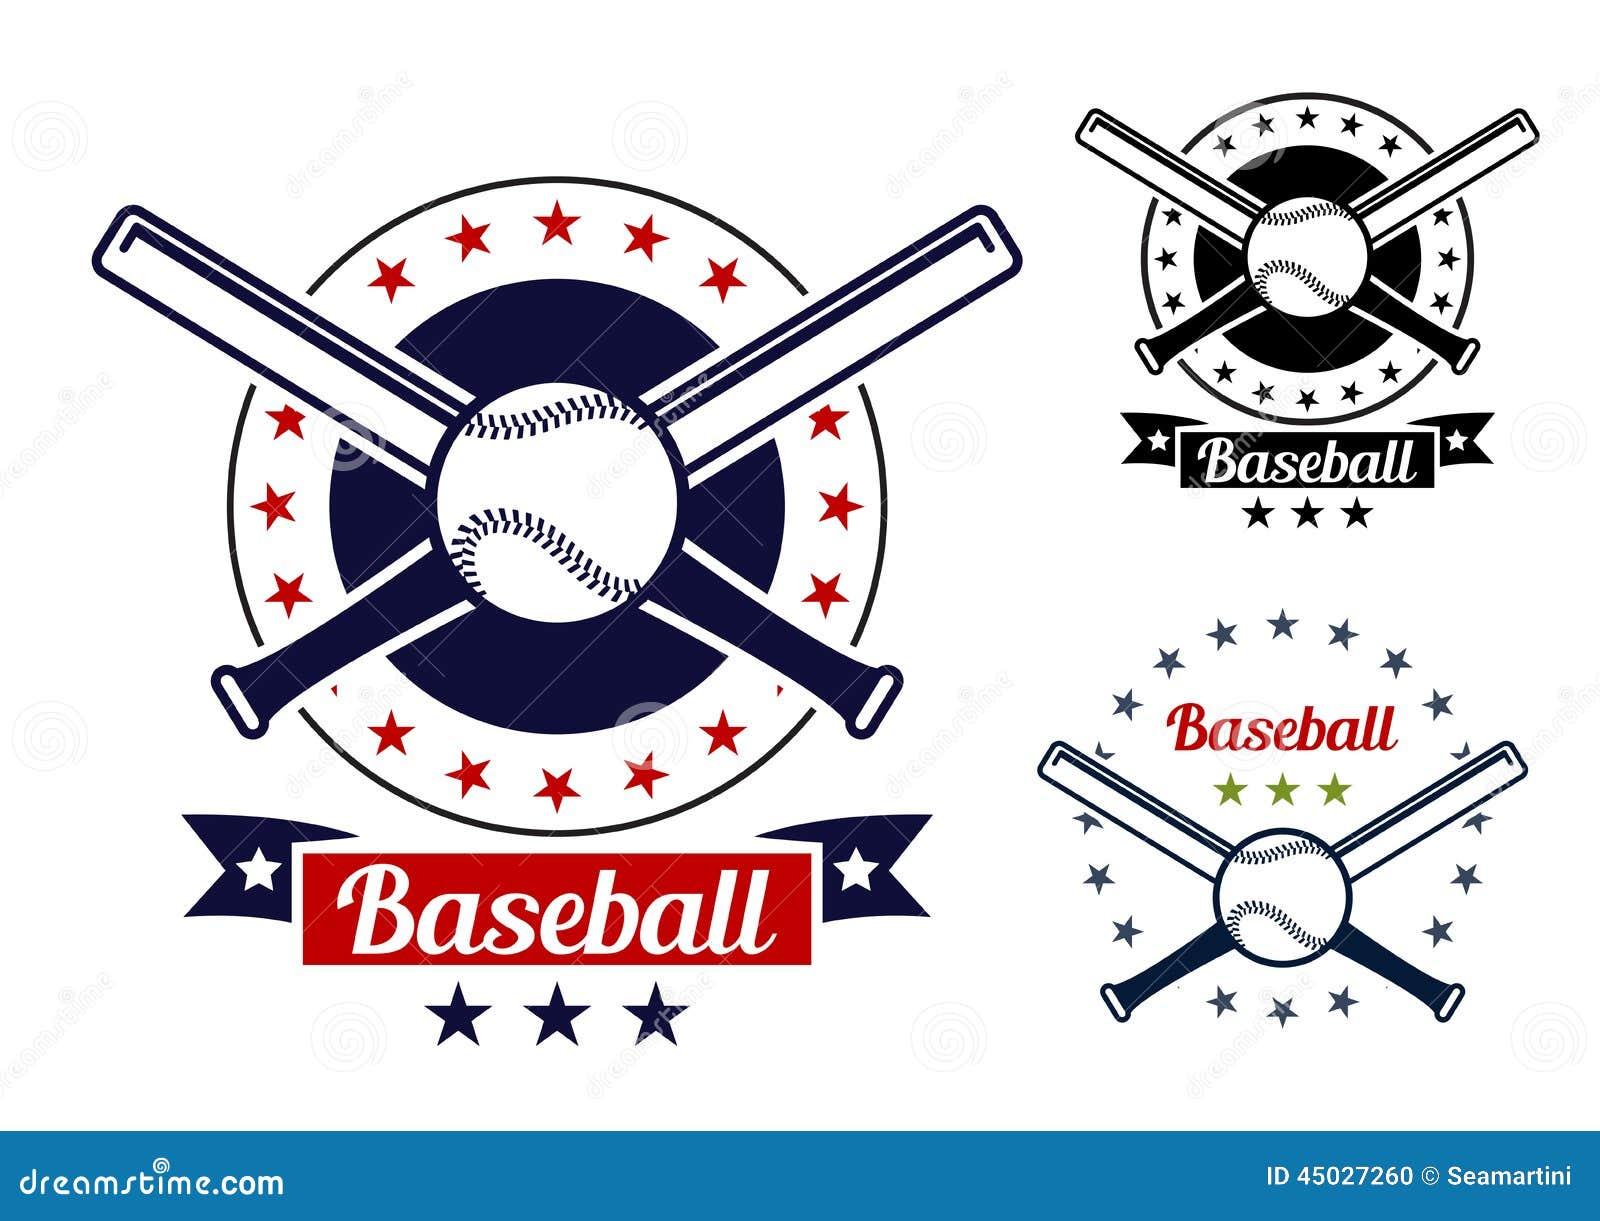 cricket bat and ball png